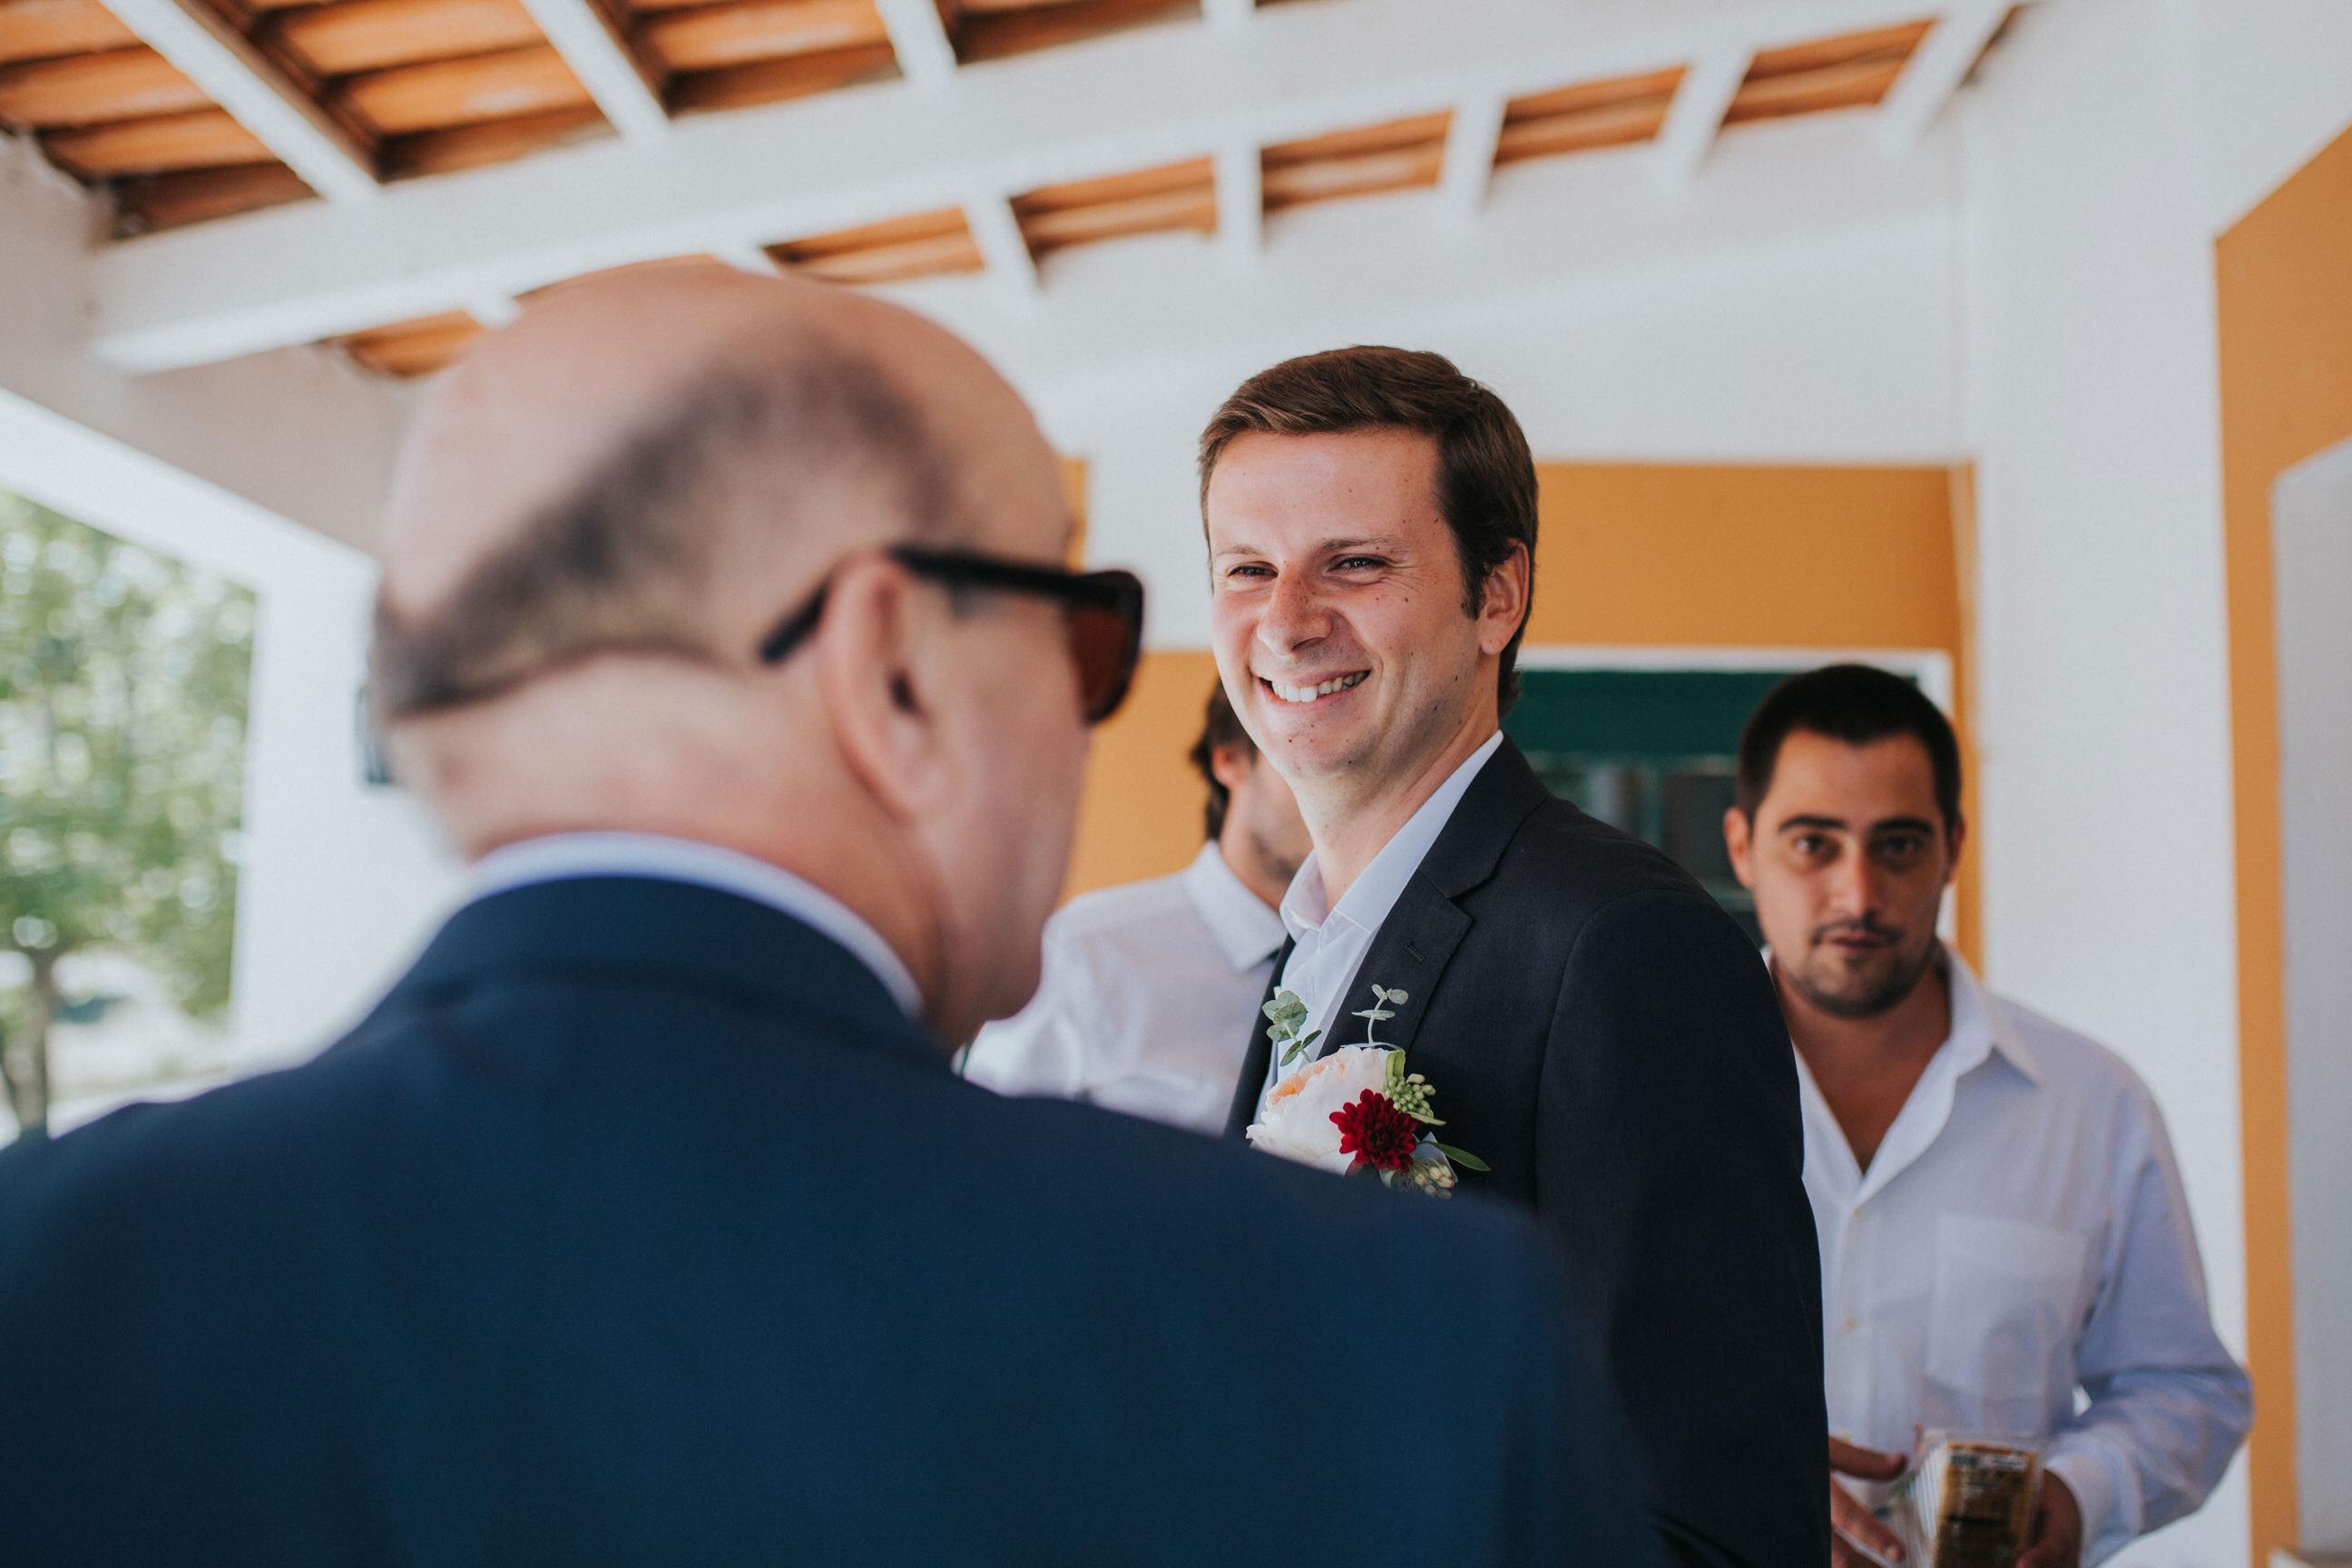 Casamento-Rústico-Bucelas-Quinta-da-Murta-boho-chic-vestidos-dress-venue-Portugal-wedding-preparativos-noivo-amigos